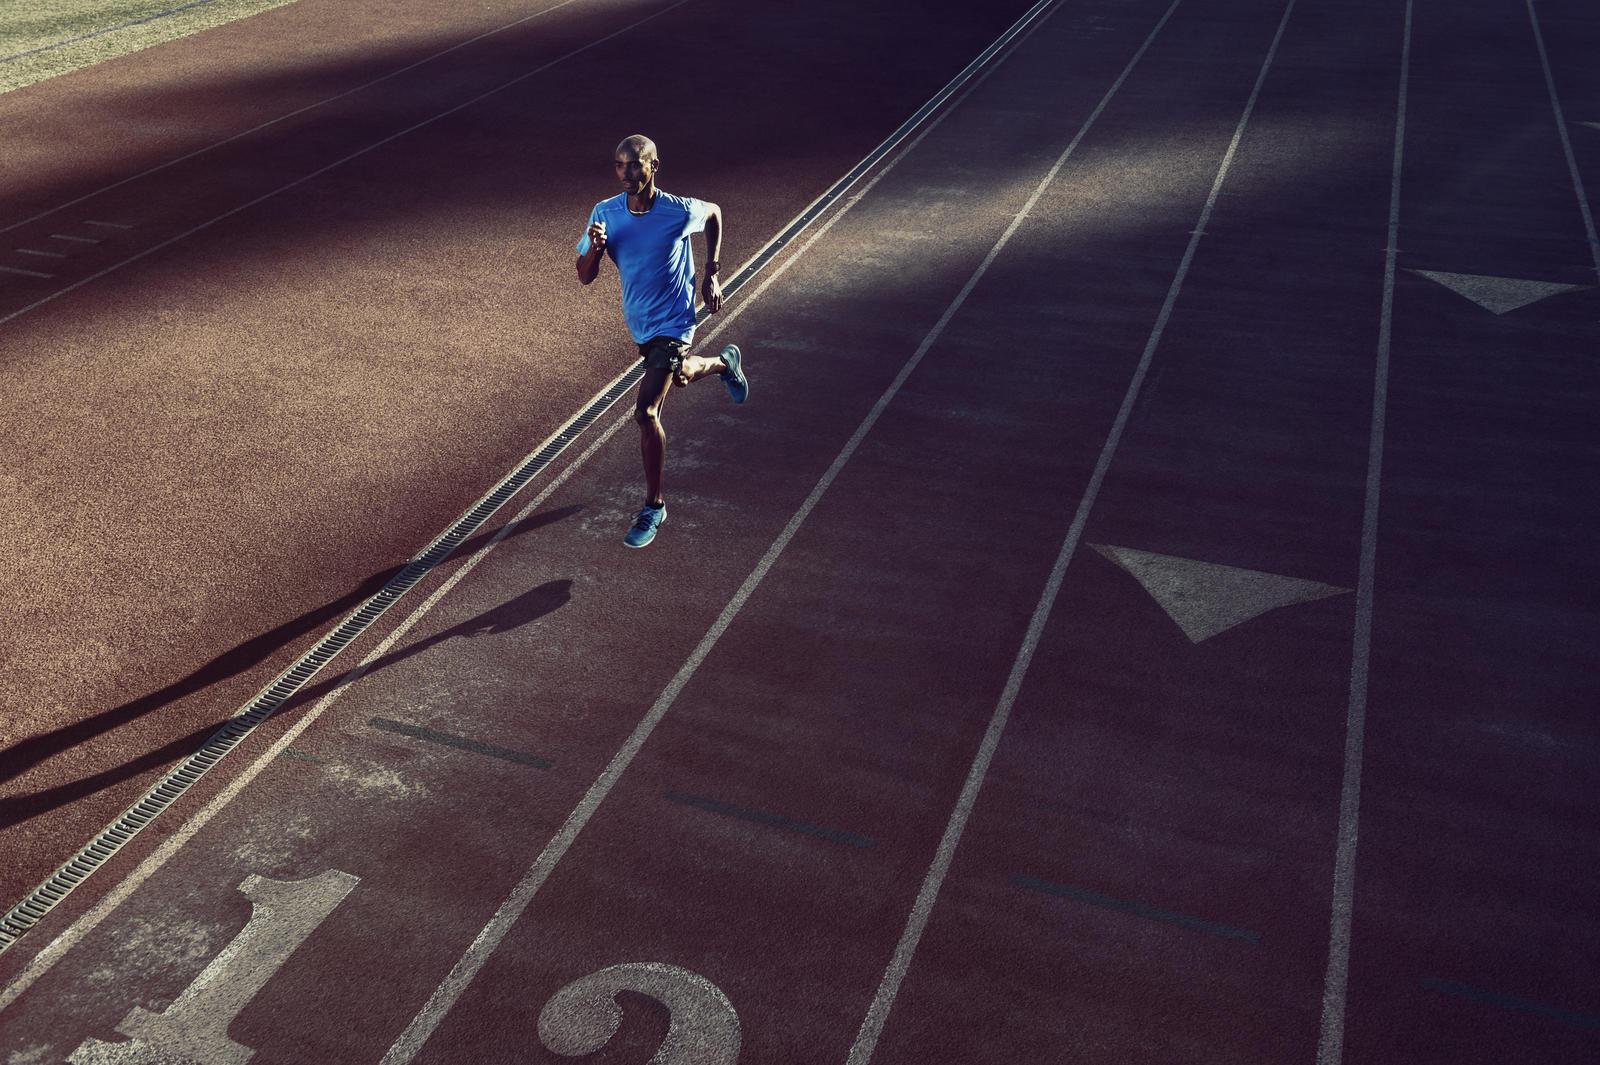 Trabajas tus fibras y mejora tu potencia como corredor